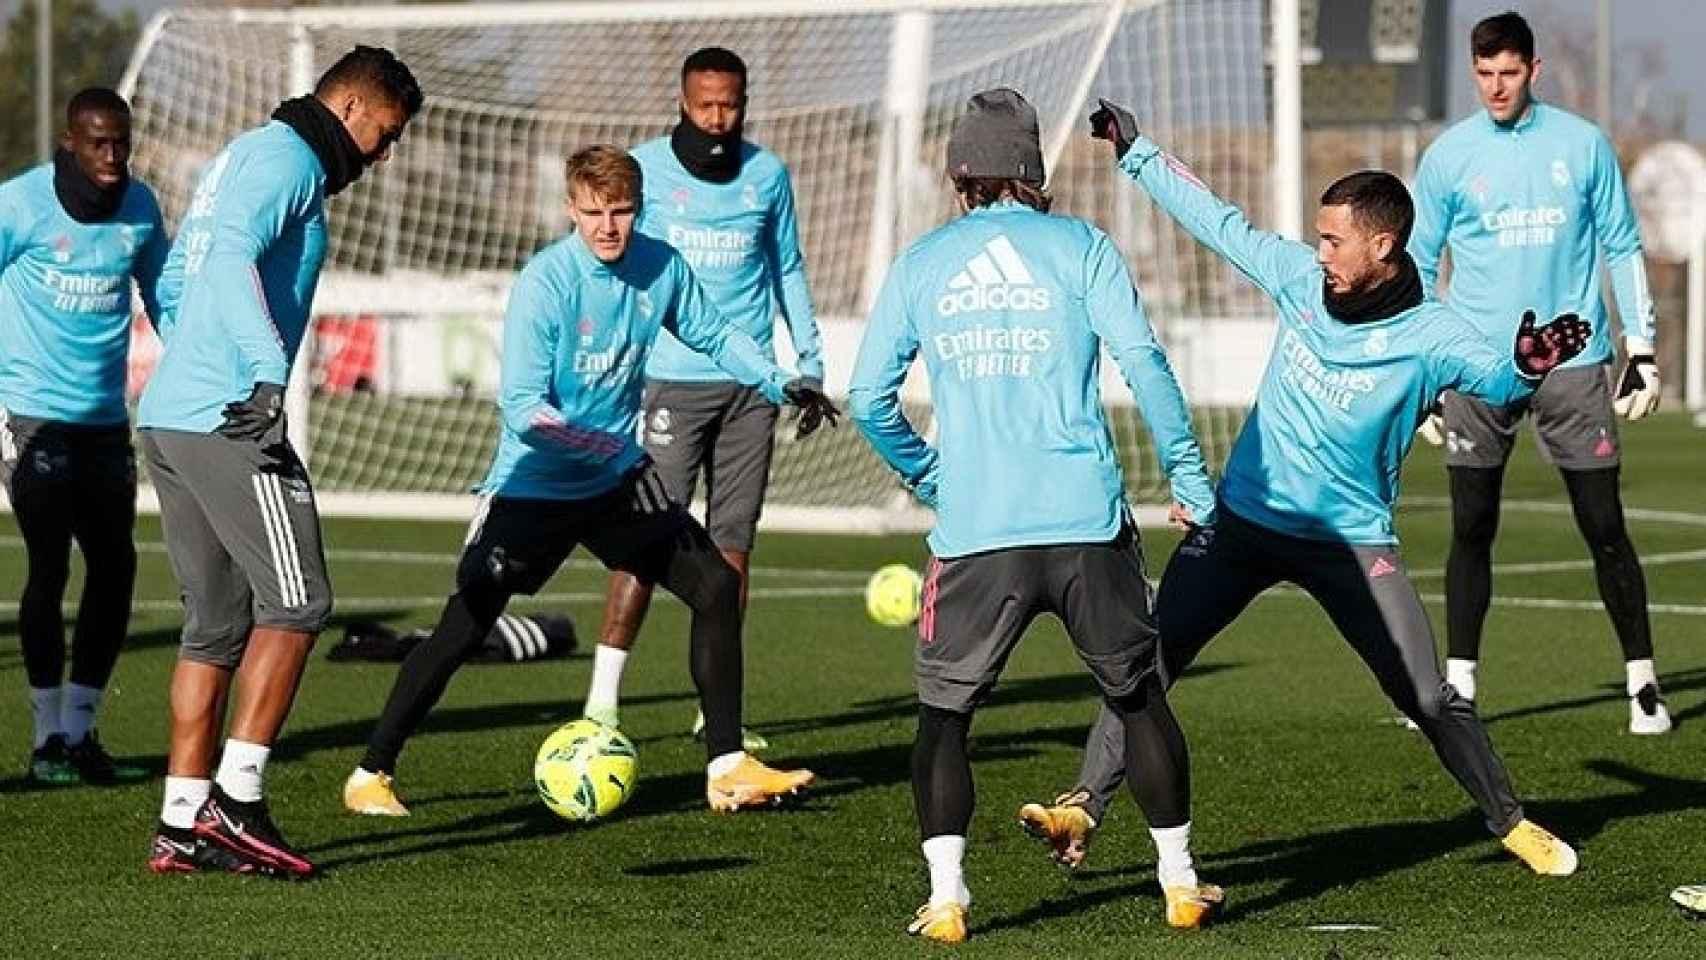 Los jugadores del Real Madrid, realizando un rondo en un entrenamiento